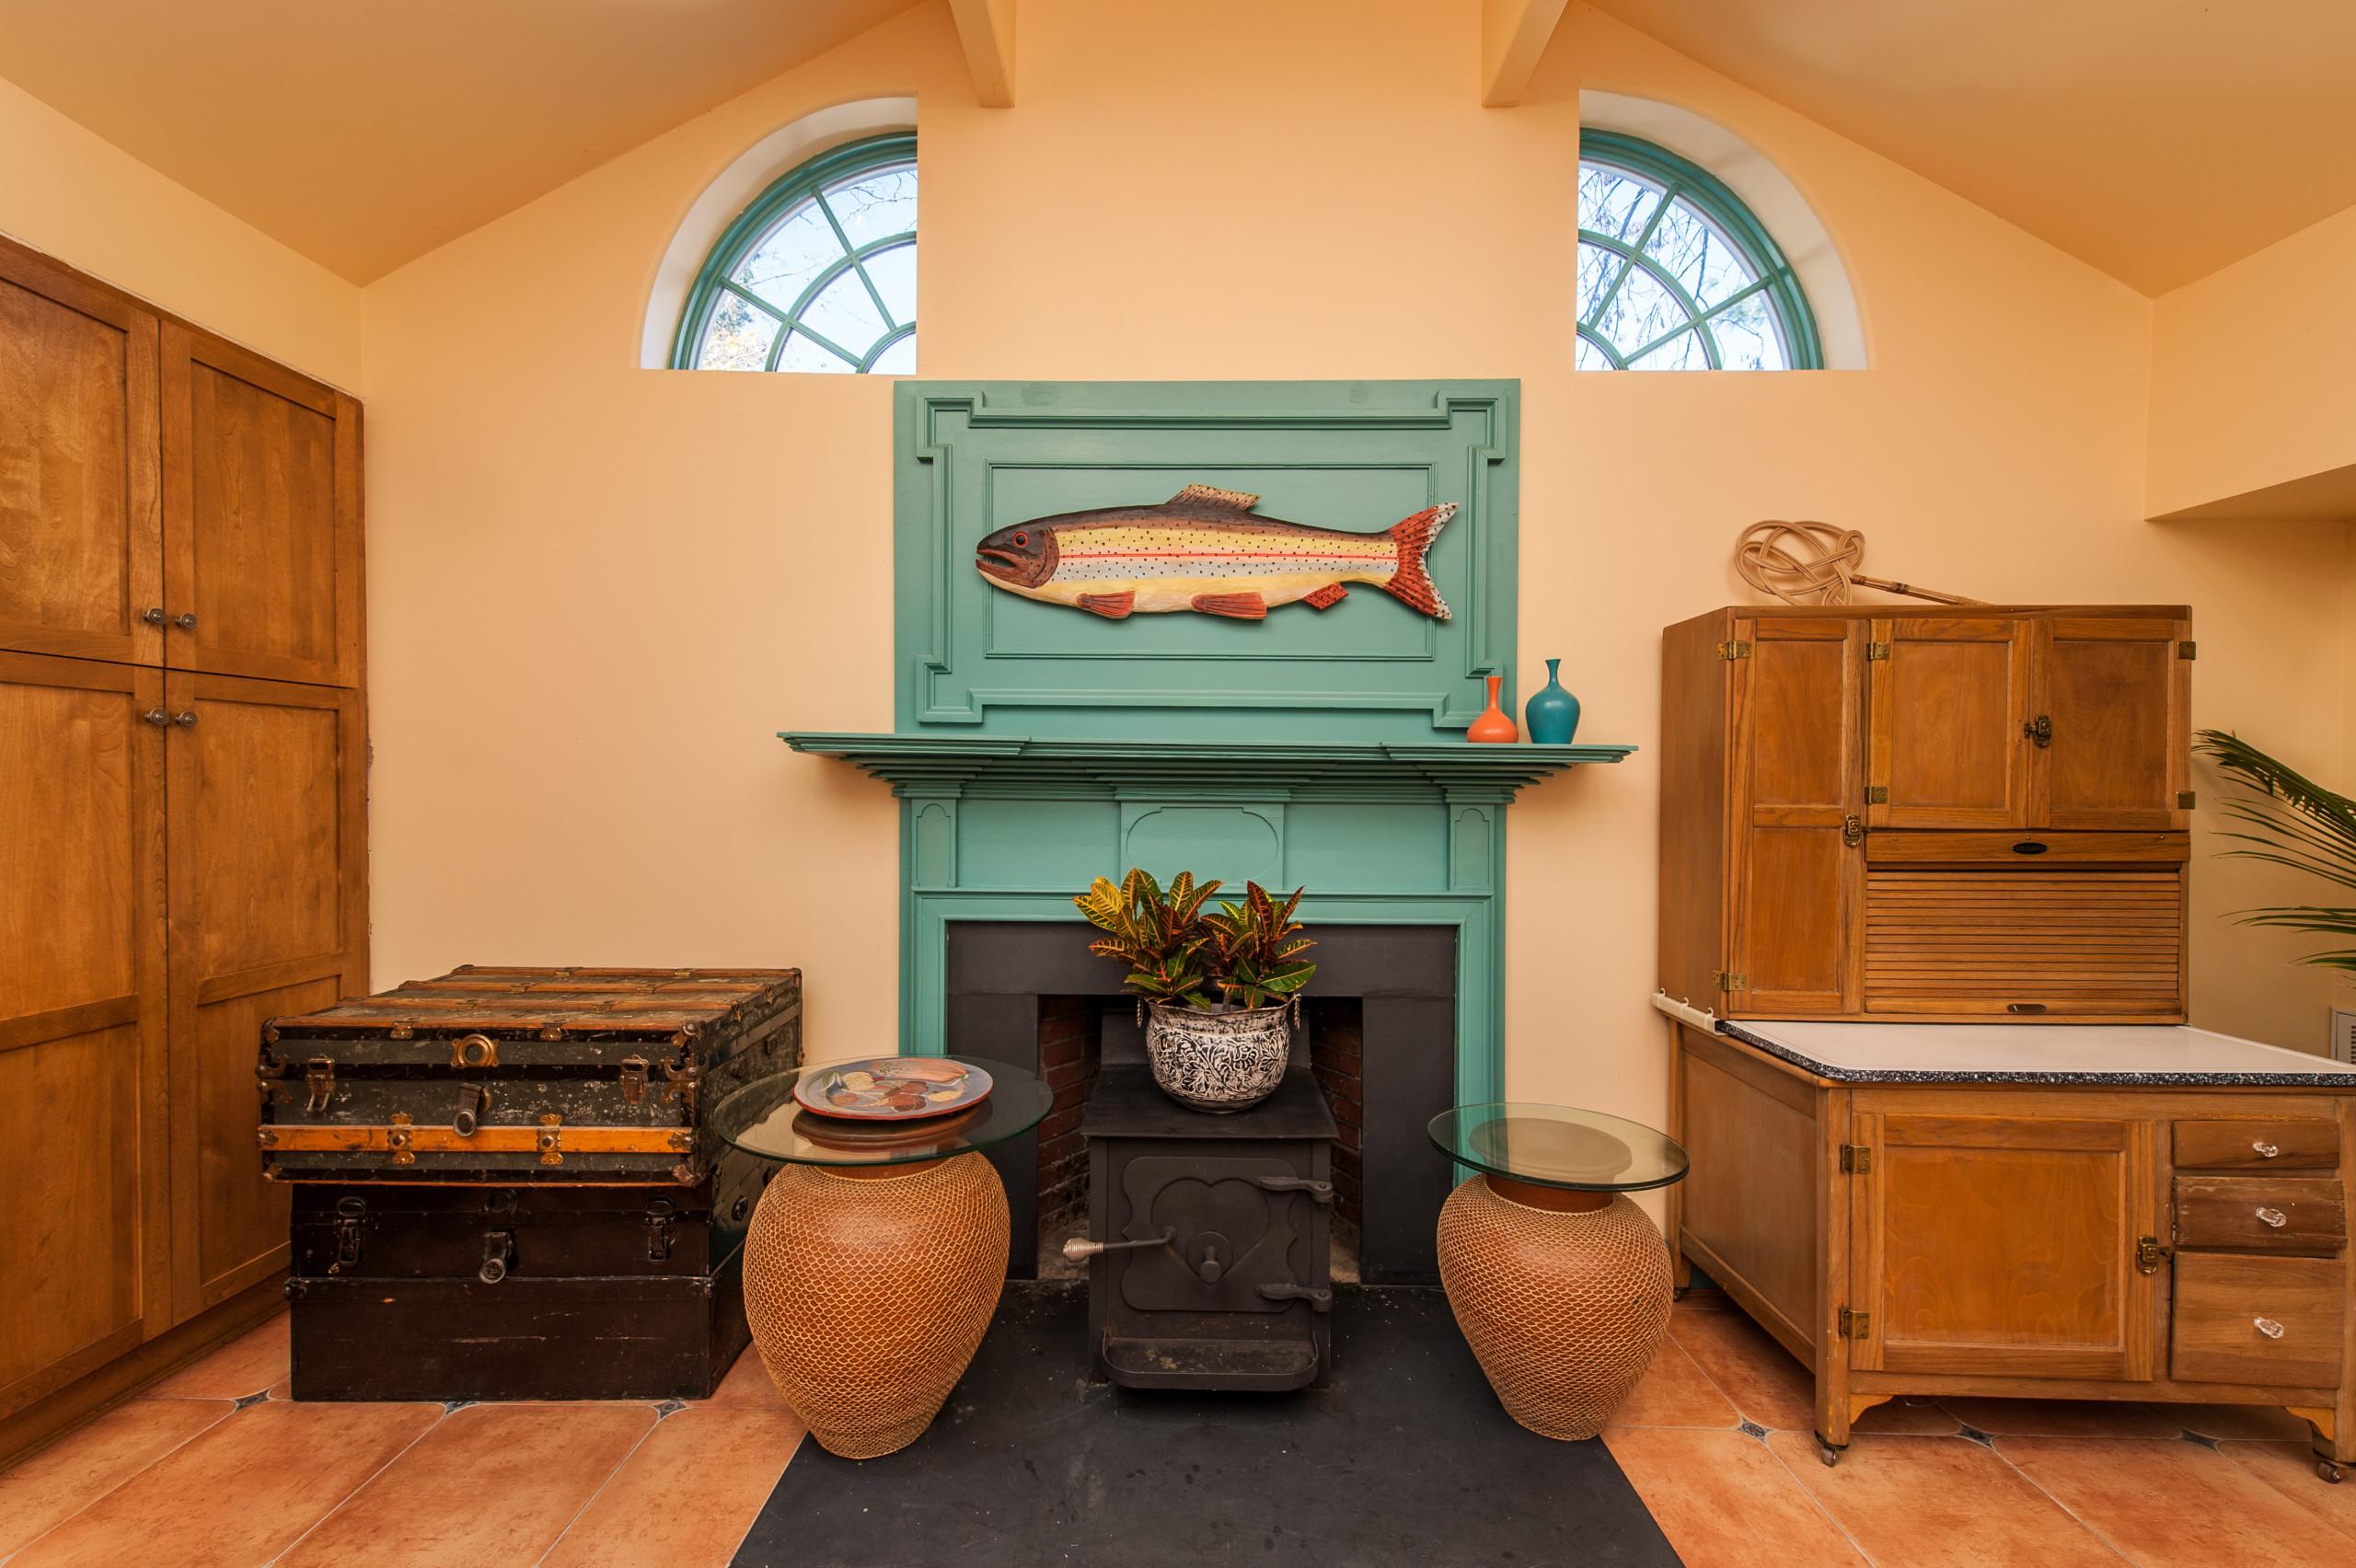 Rockville, MD Craftsman Historical Renovation & Addition